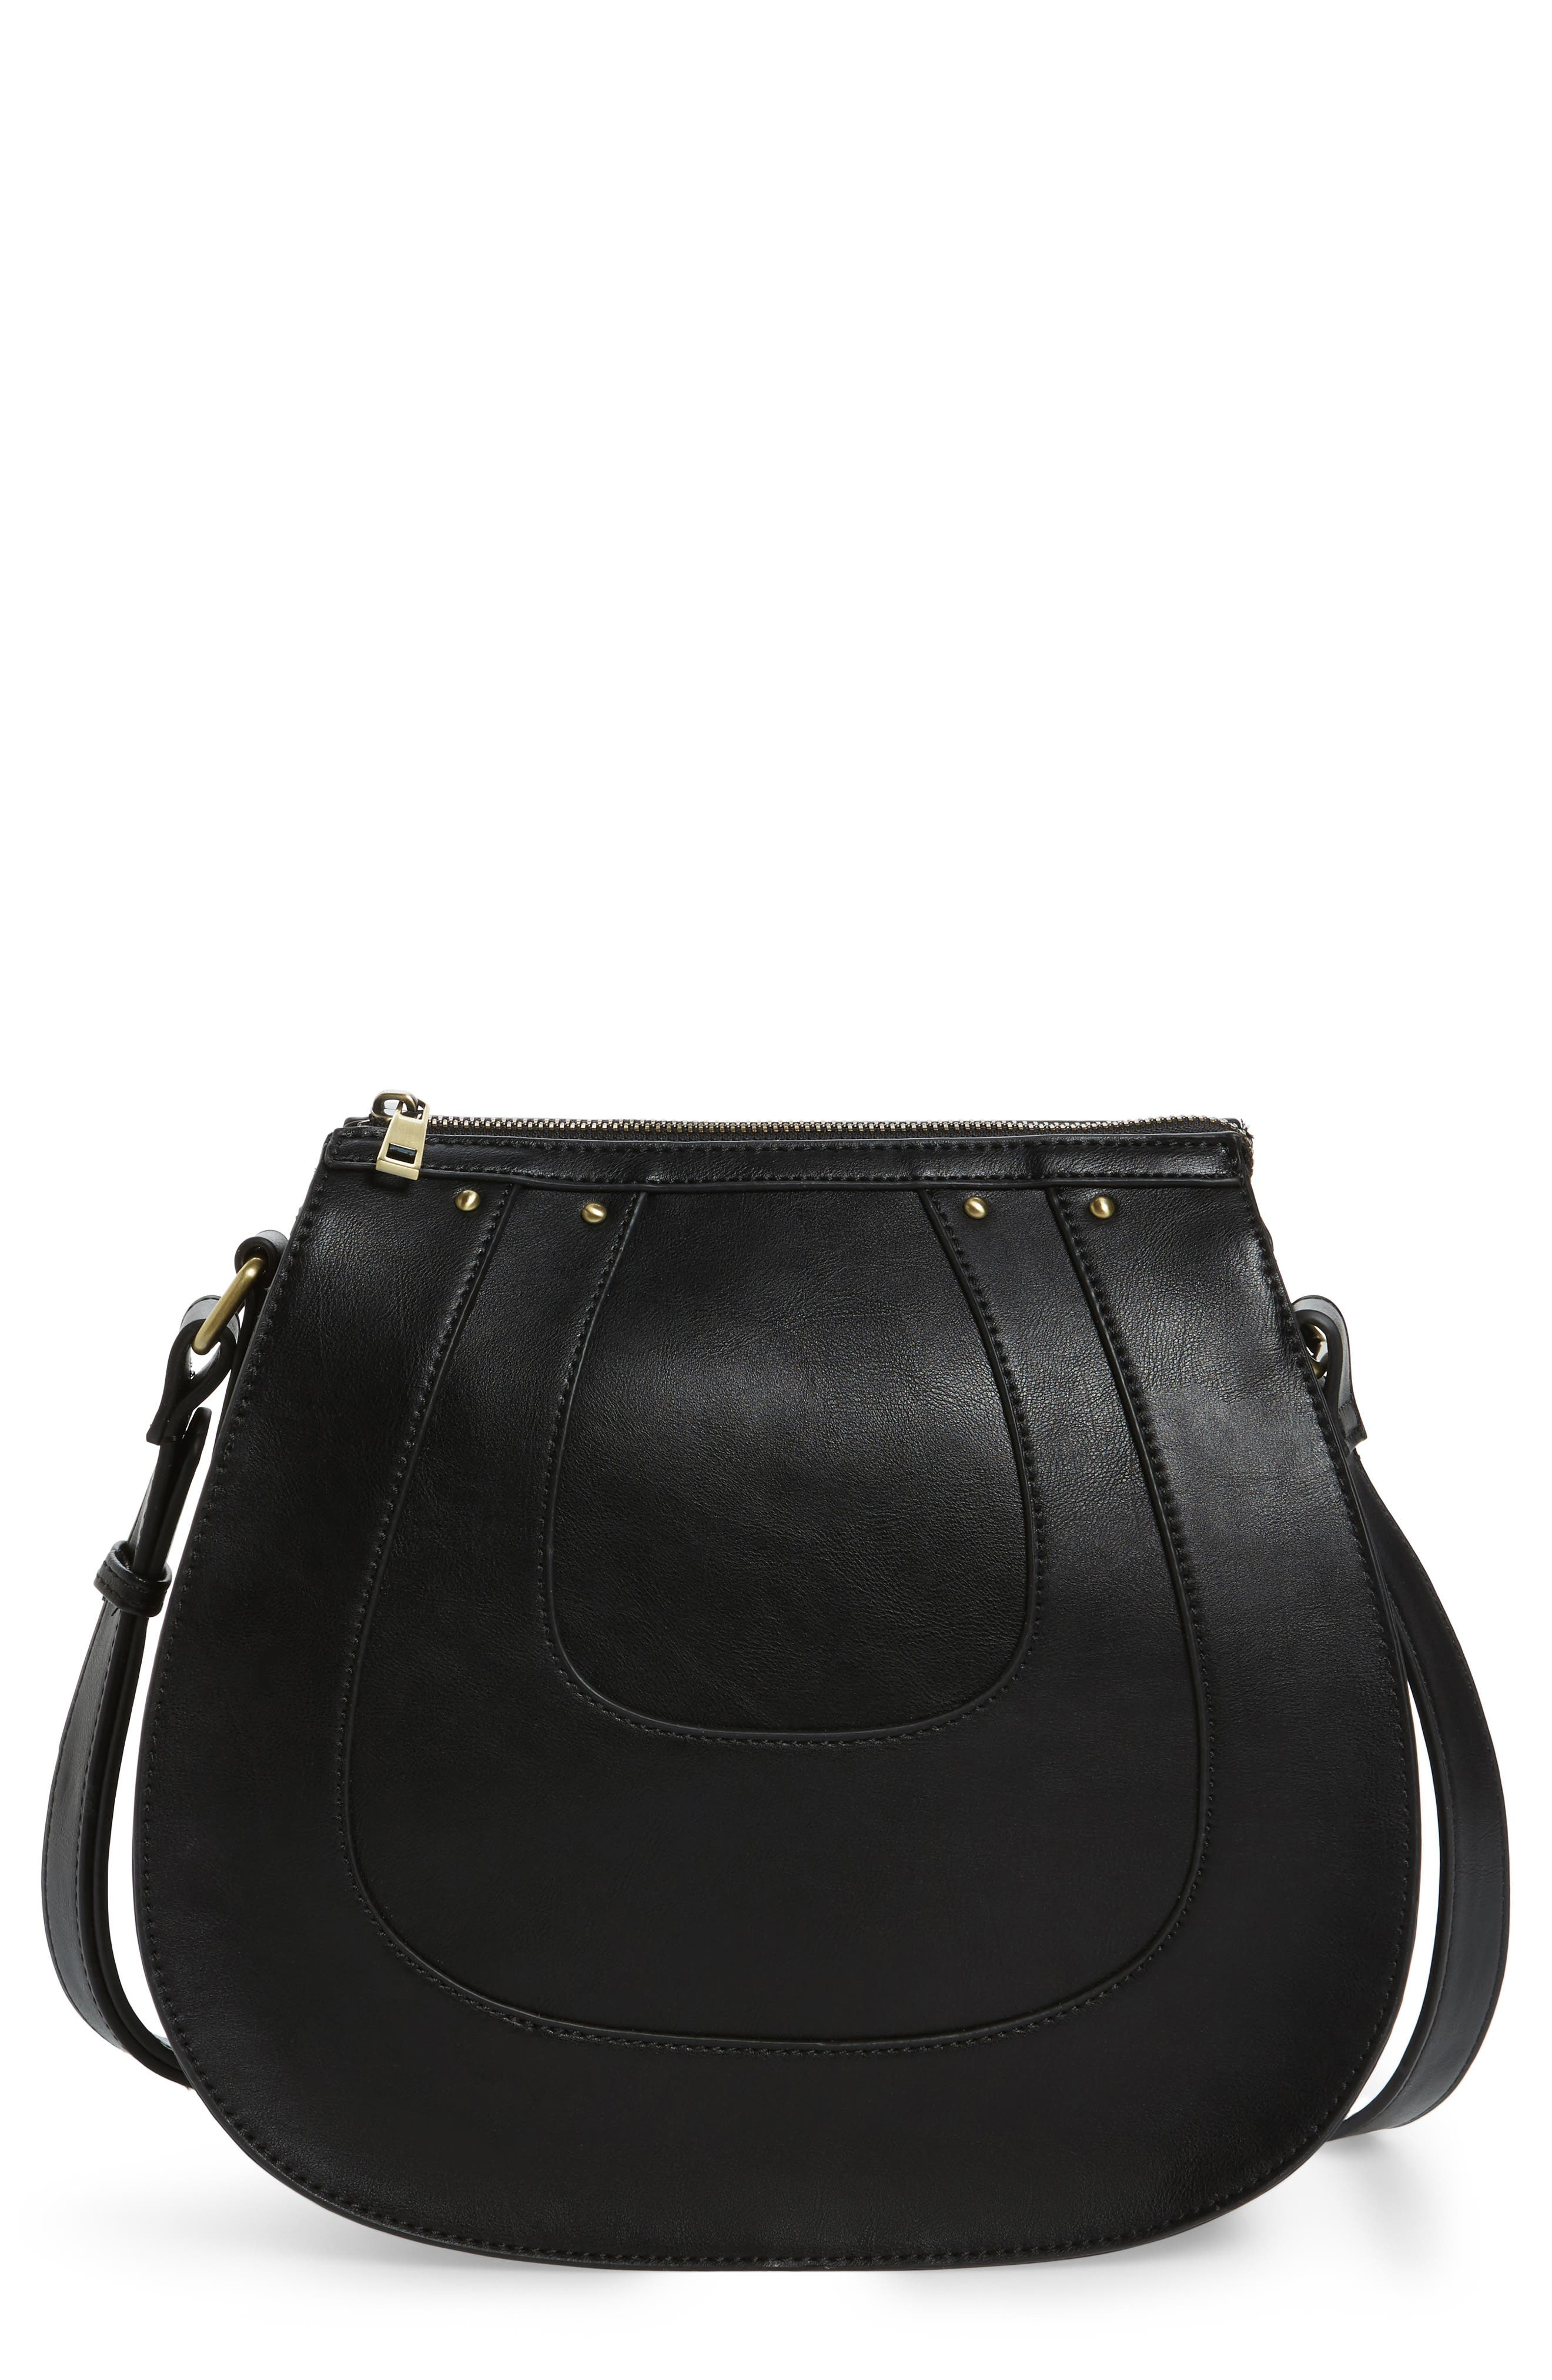 Sole Society Korah Faux Leather Saddle Bag